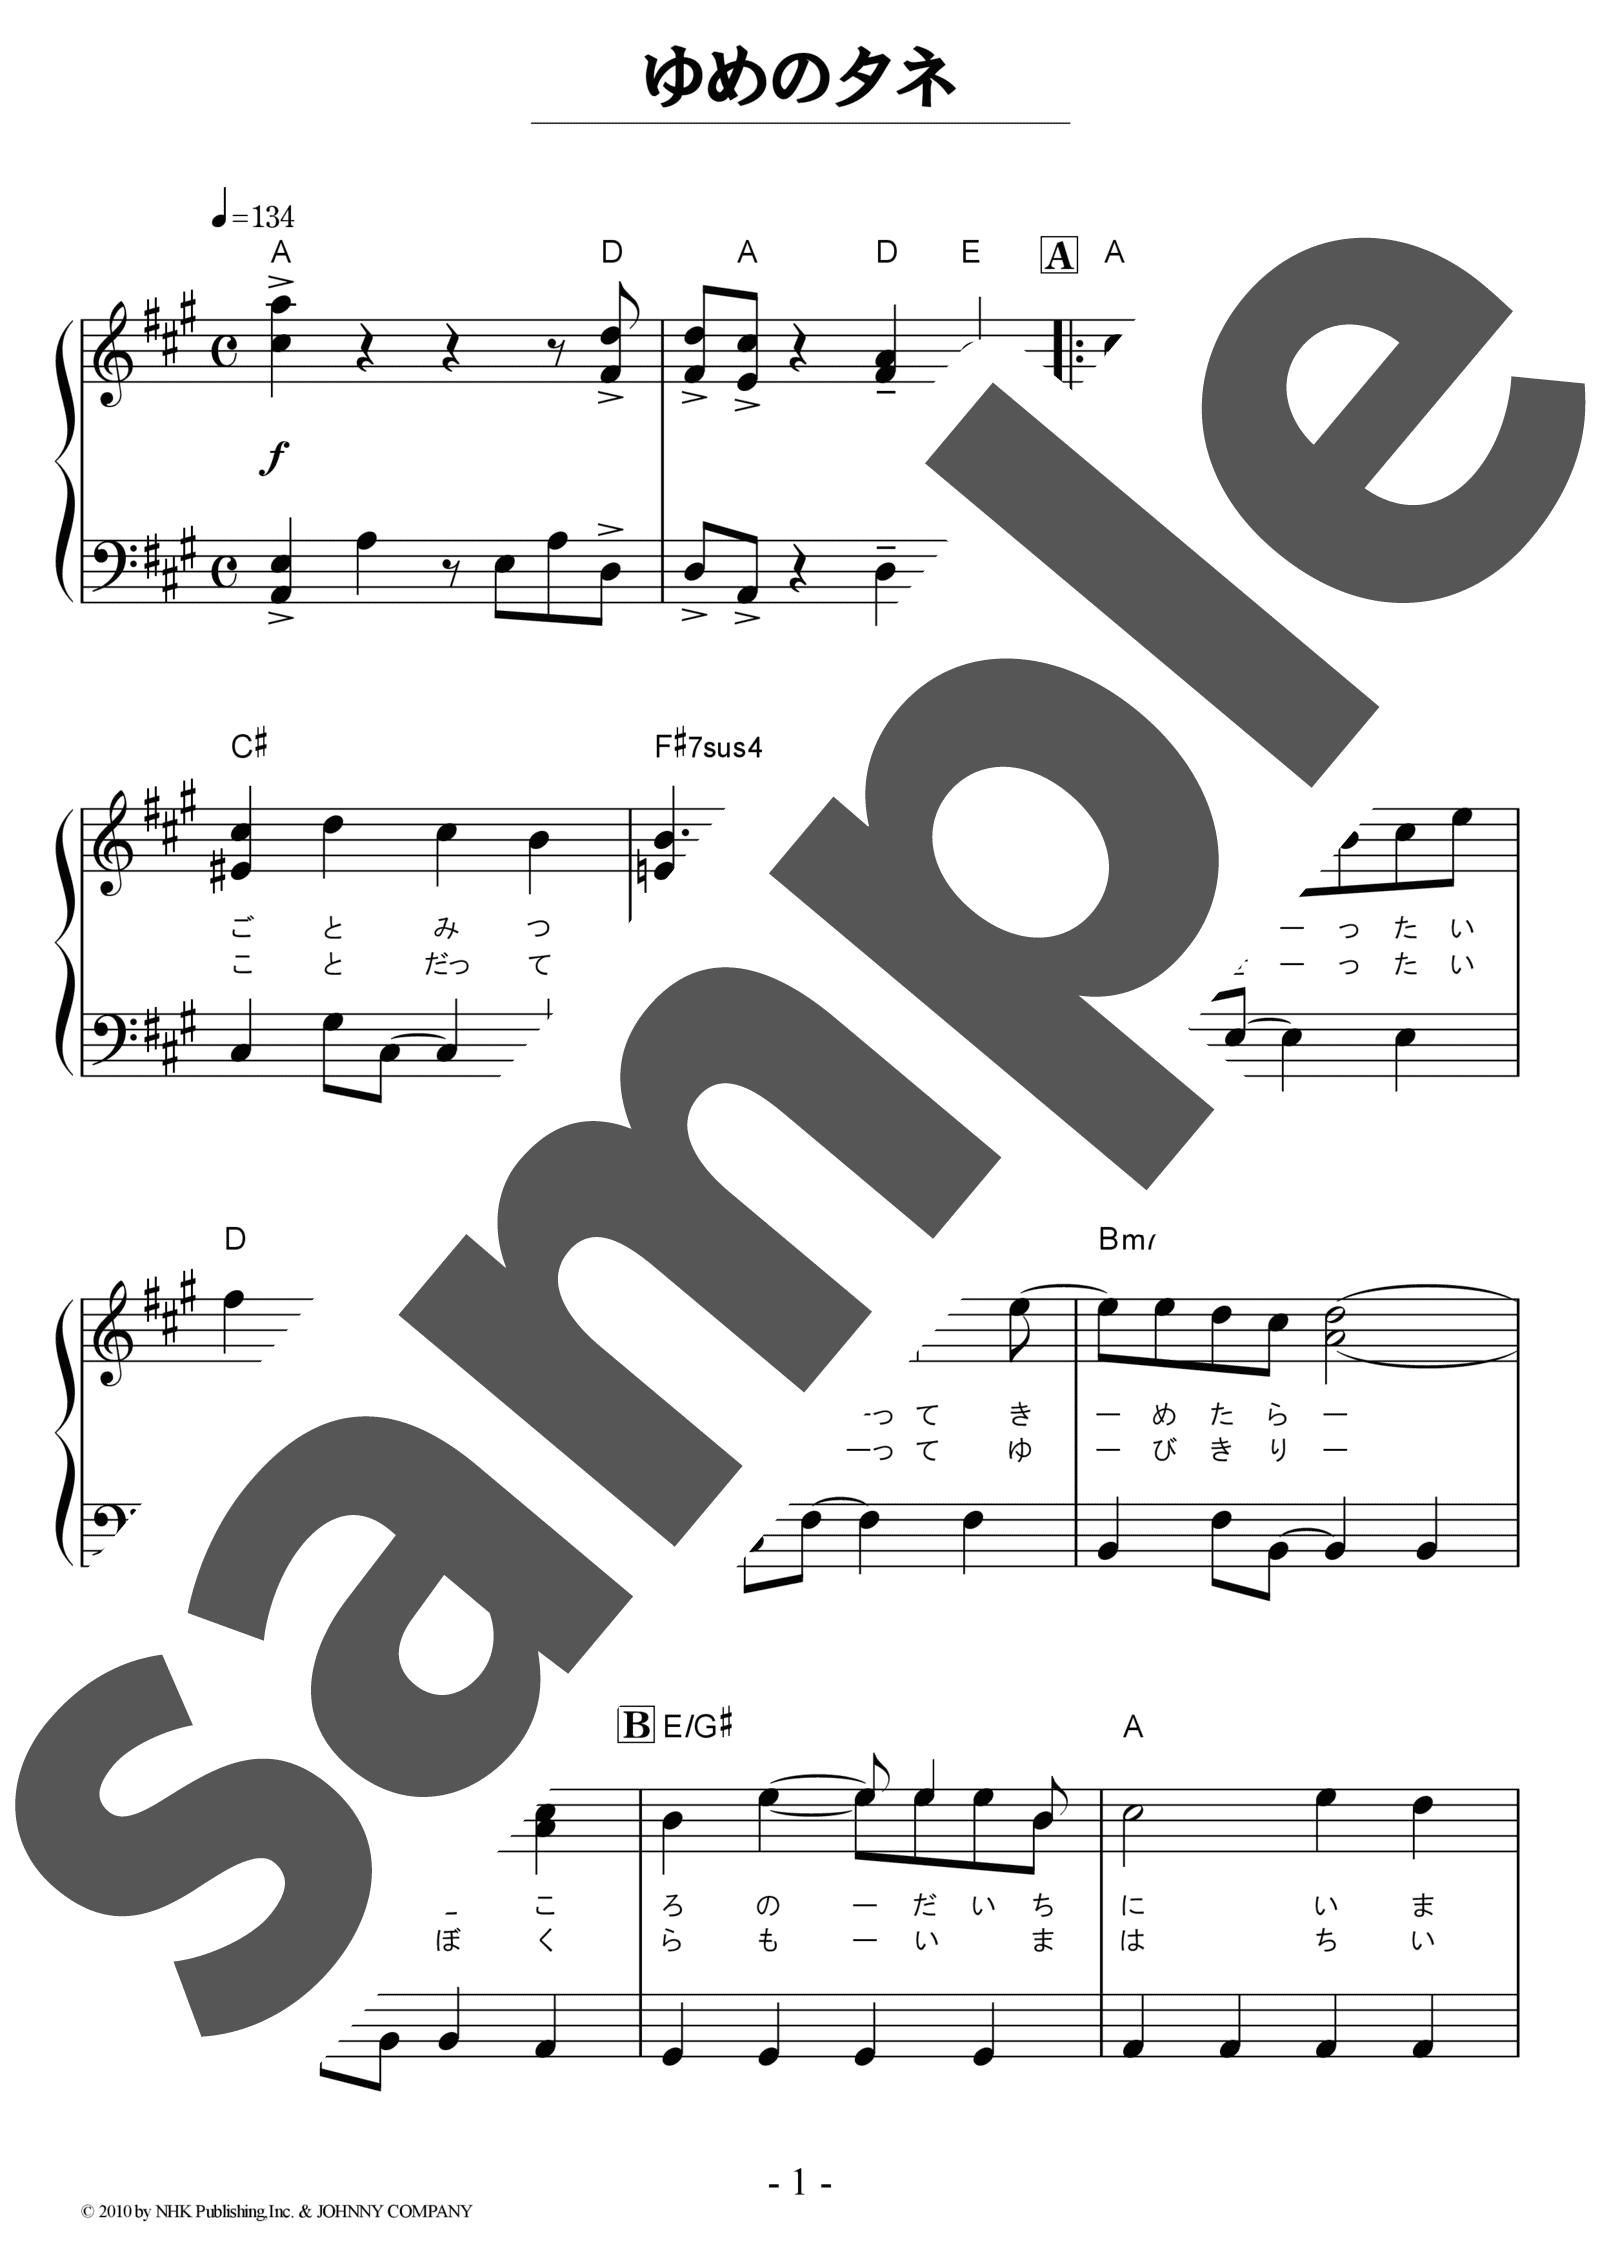 「ゆめのタネ」のサンプル楽譜